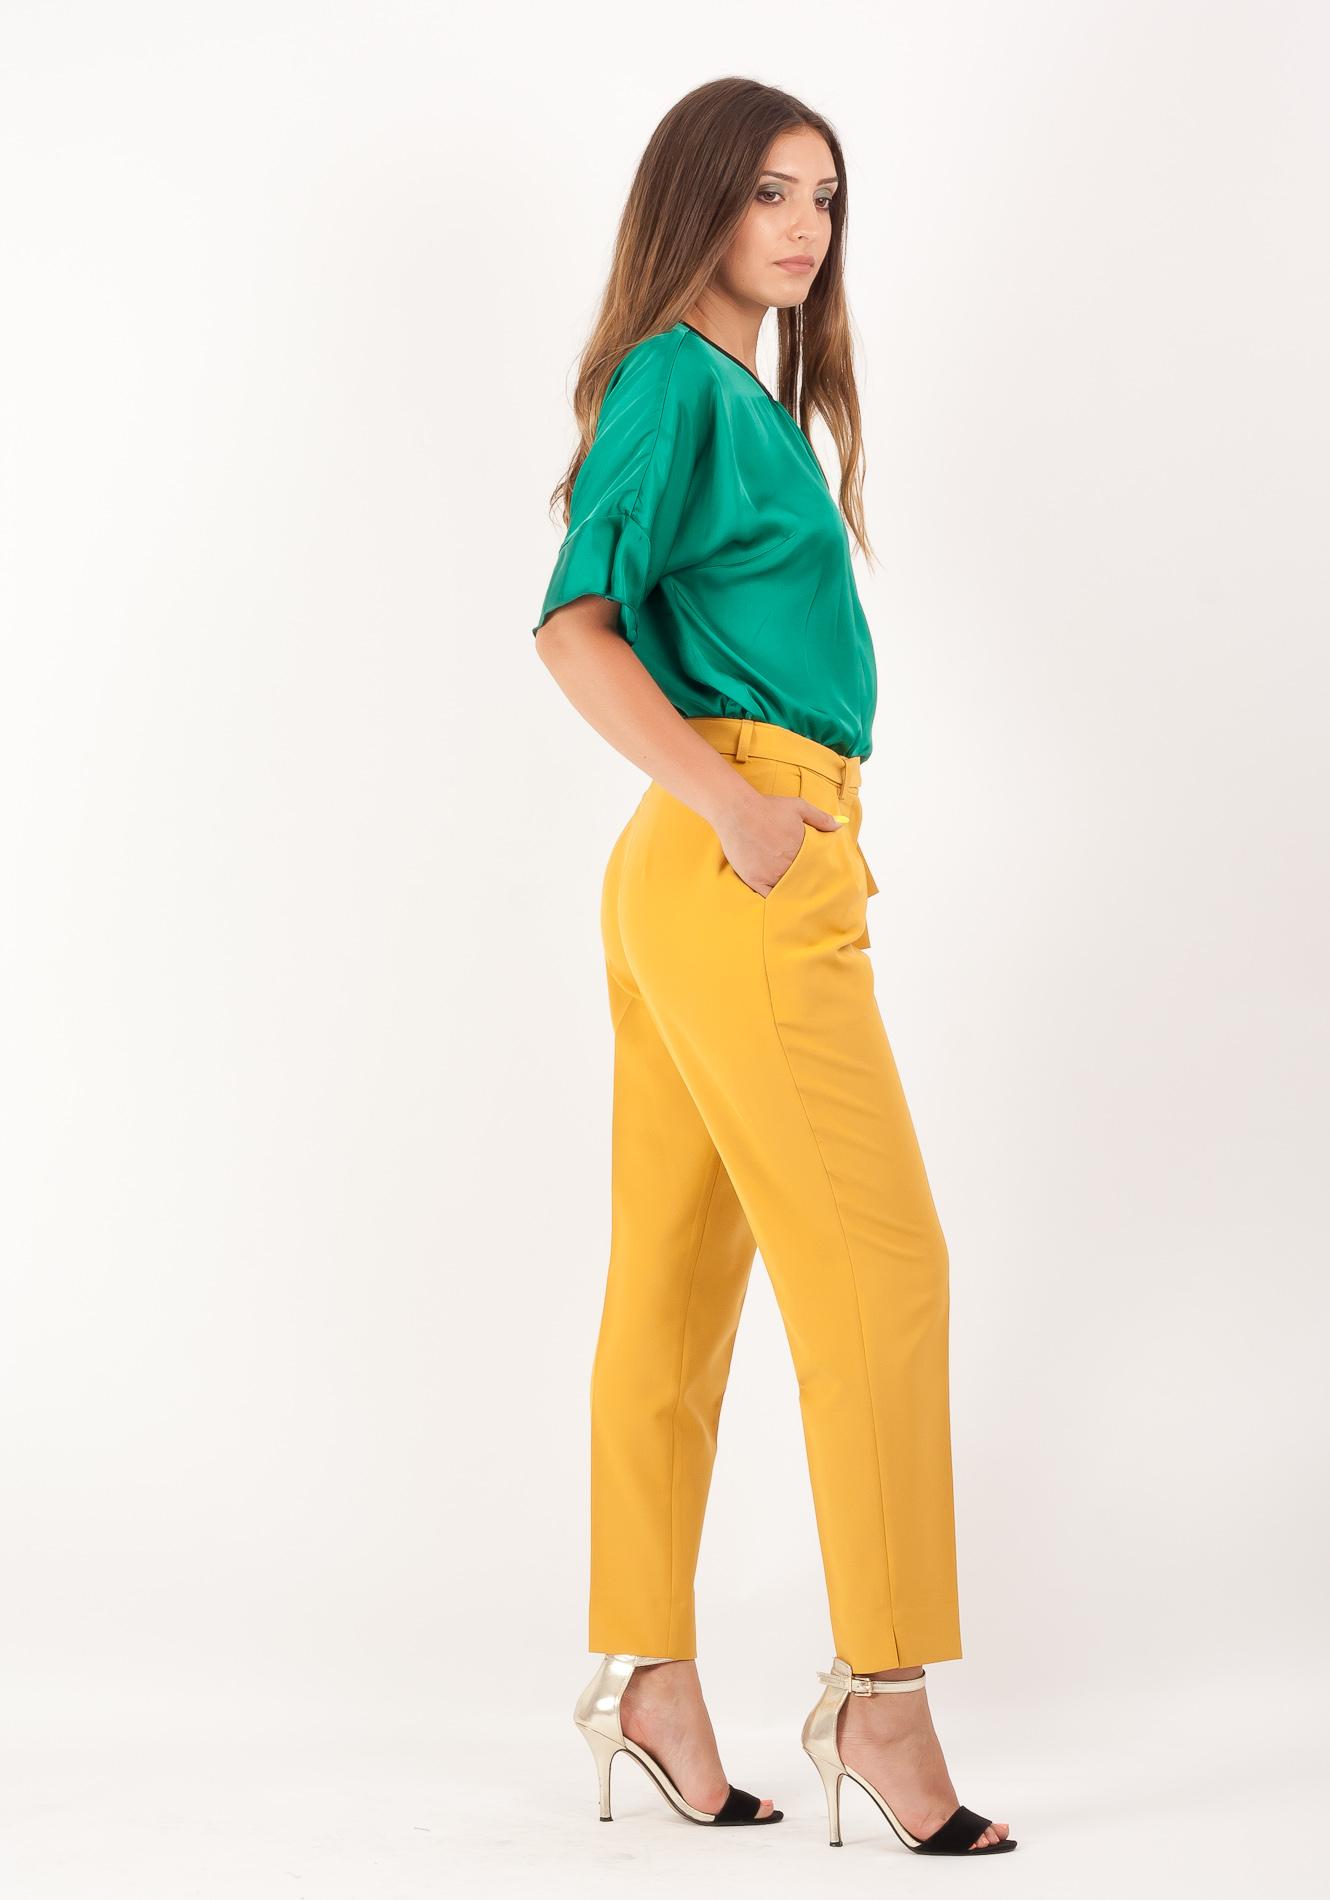 Pantalon cu dunga galben